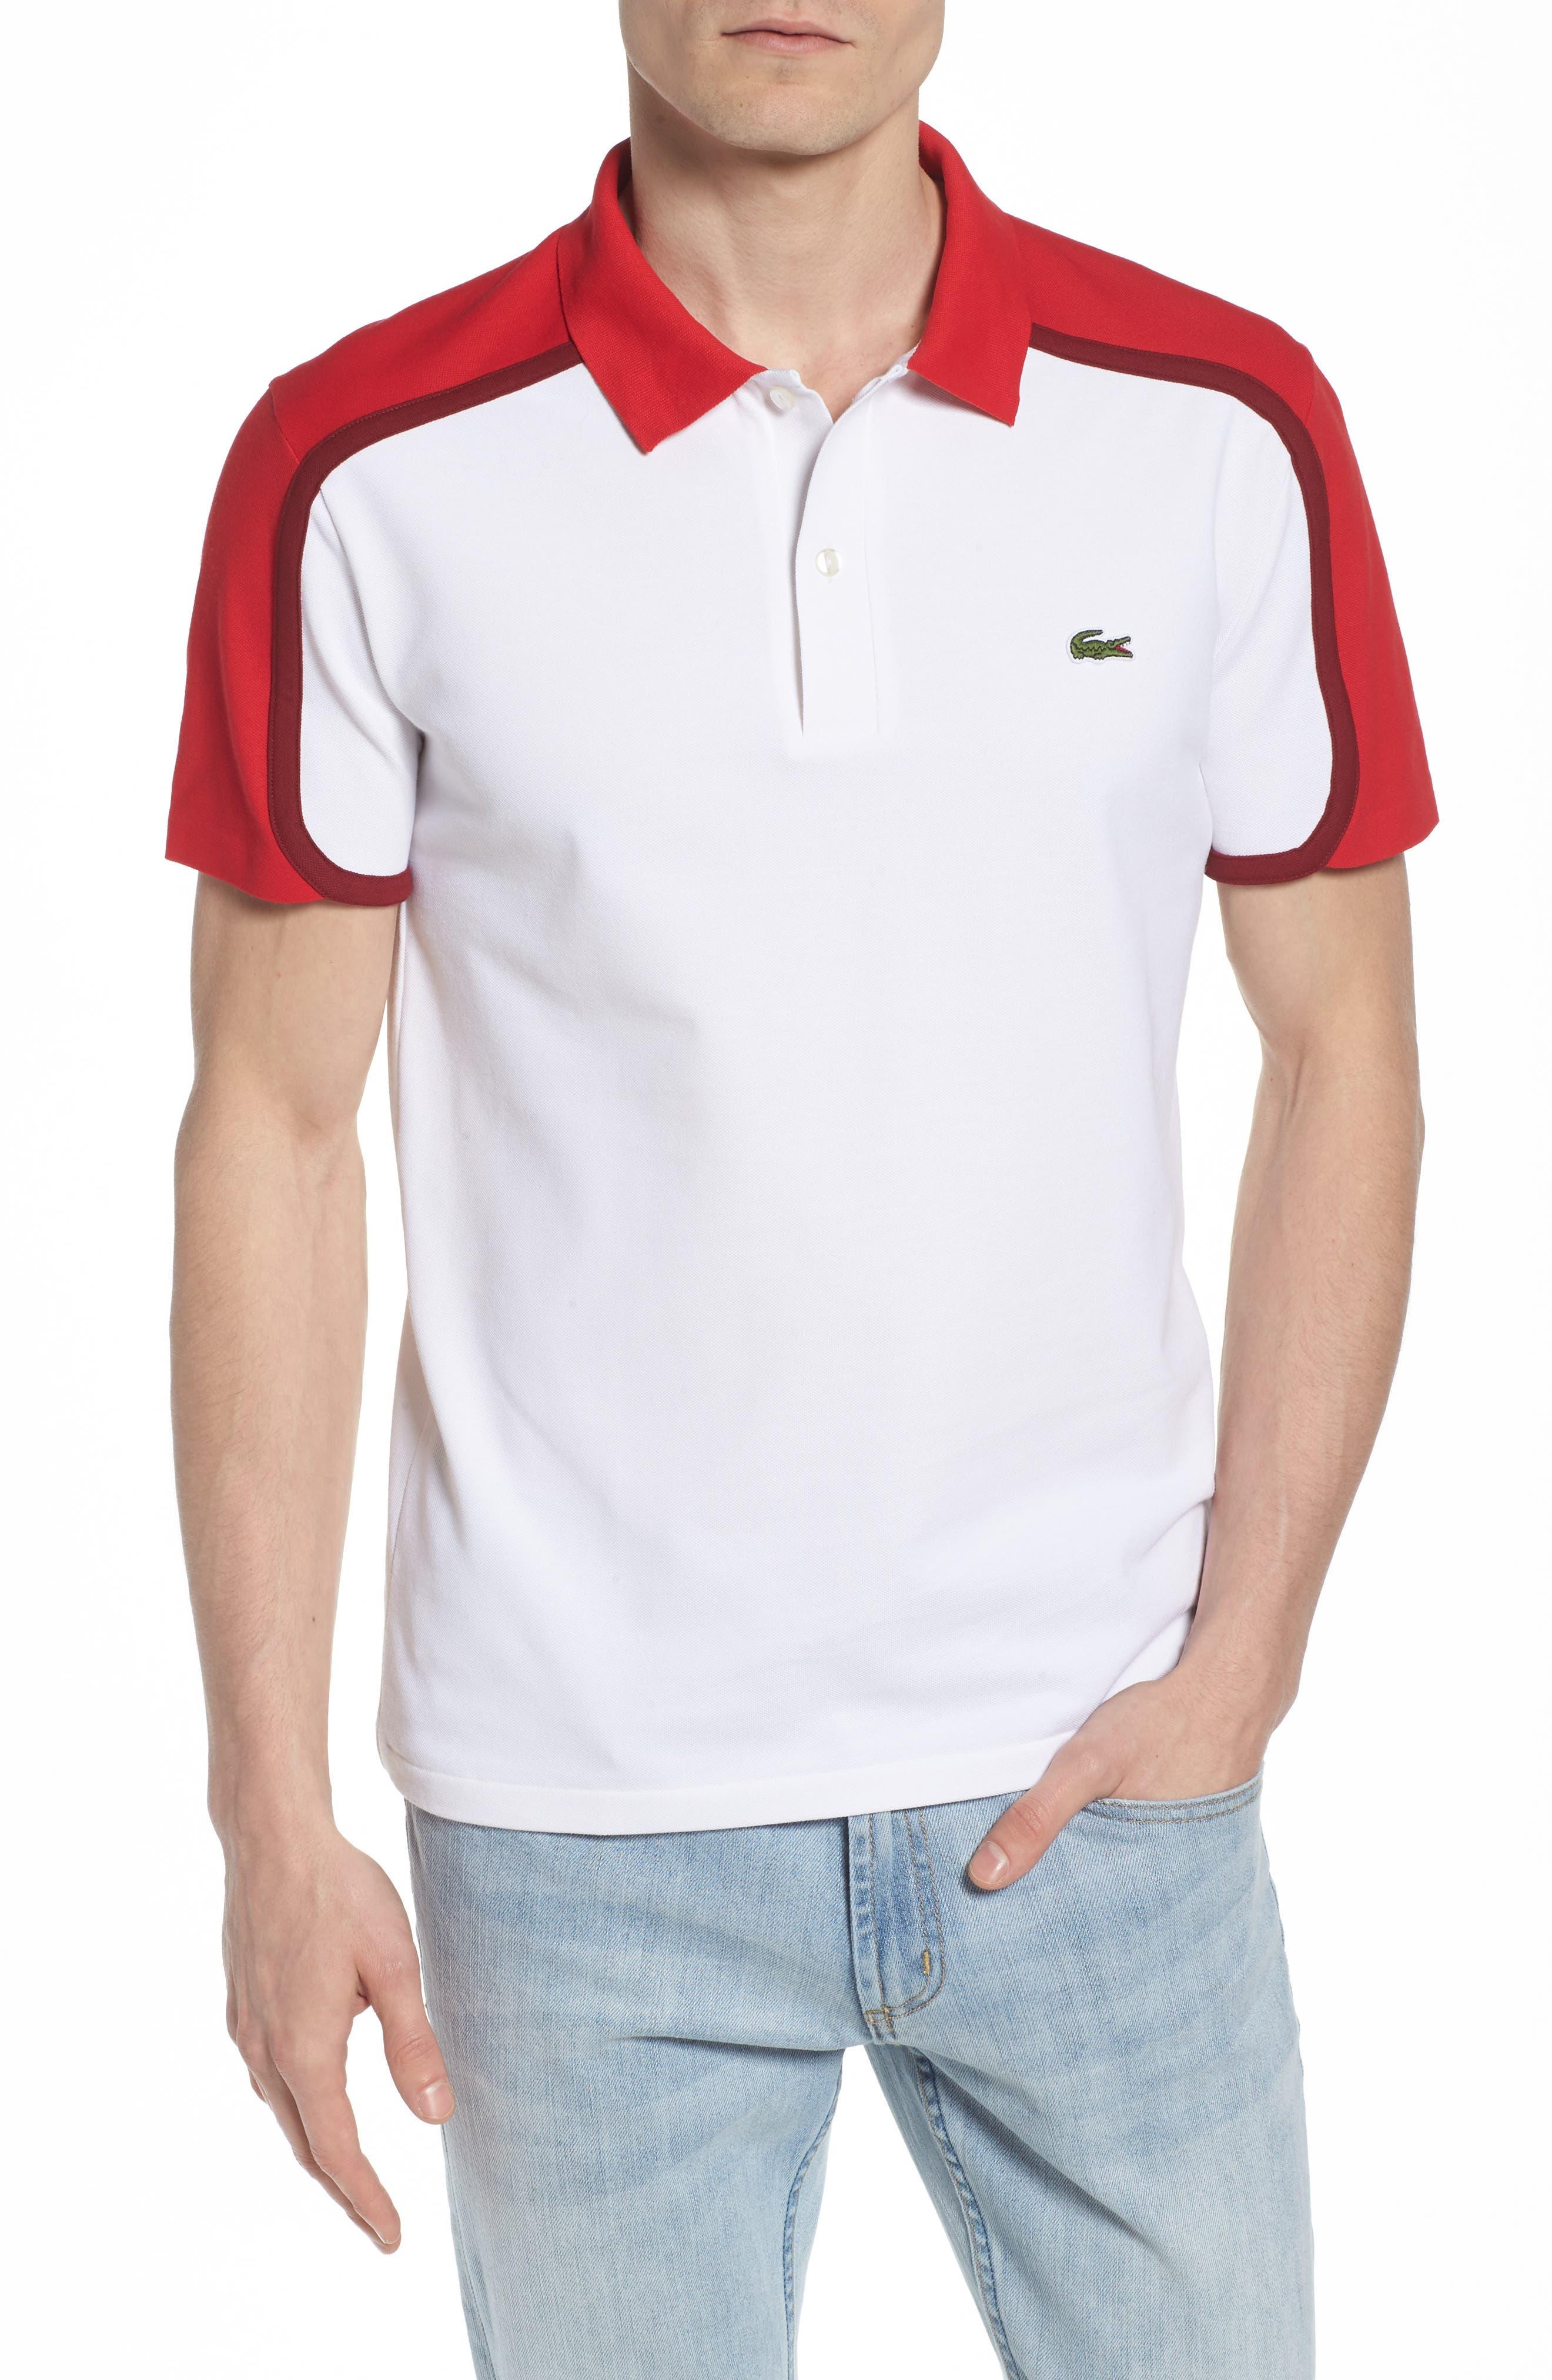 Lacoste Polo - white / toreador-turkey red vrFmW3x5